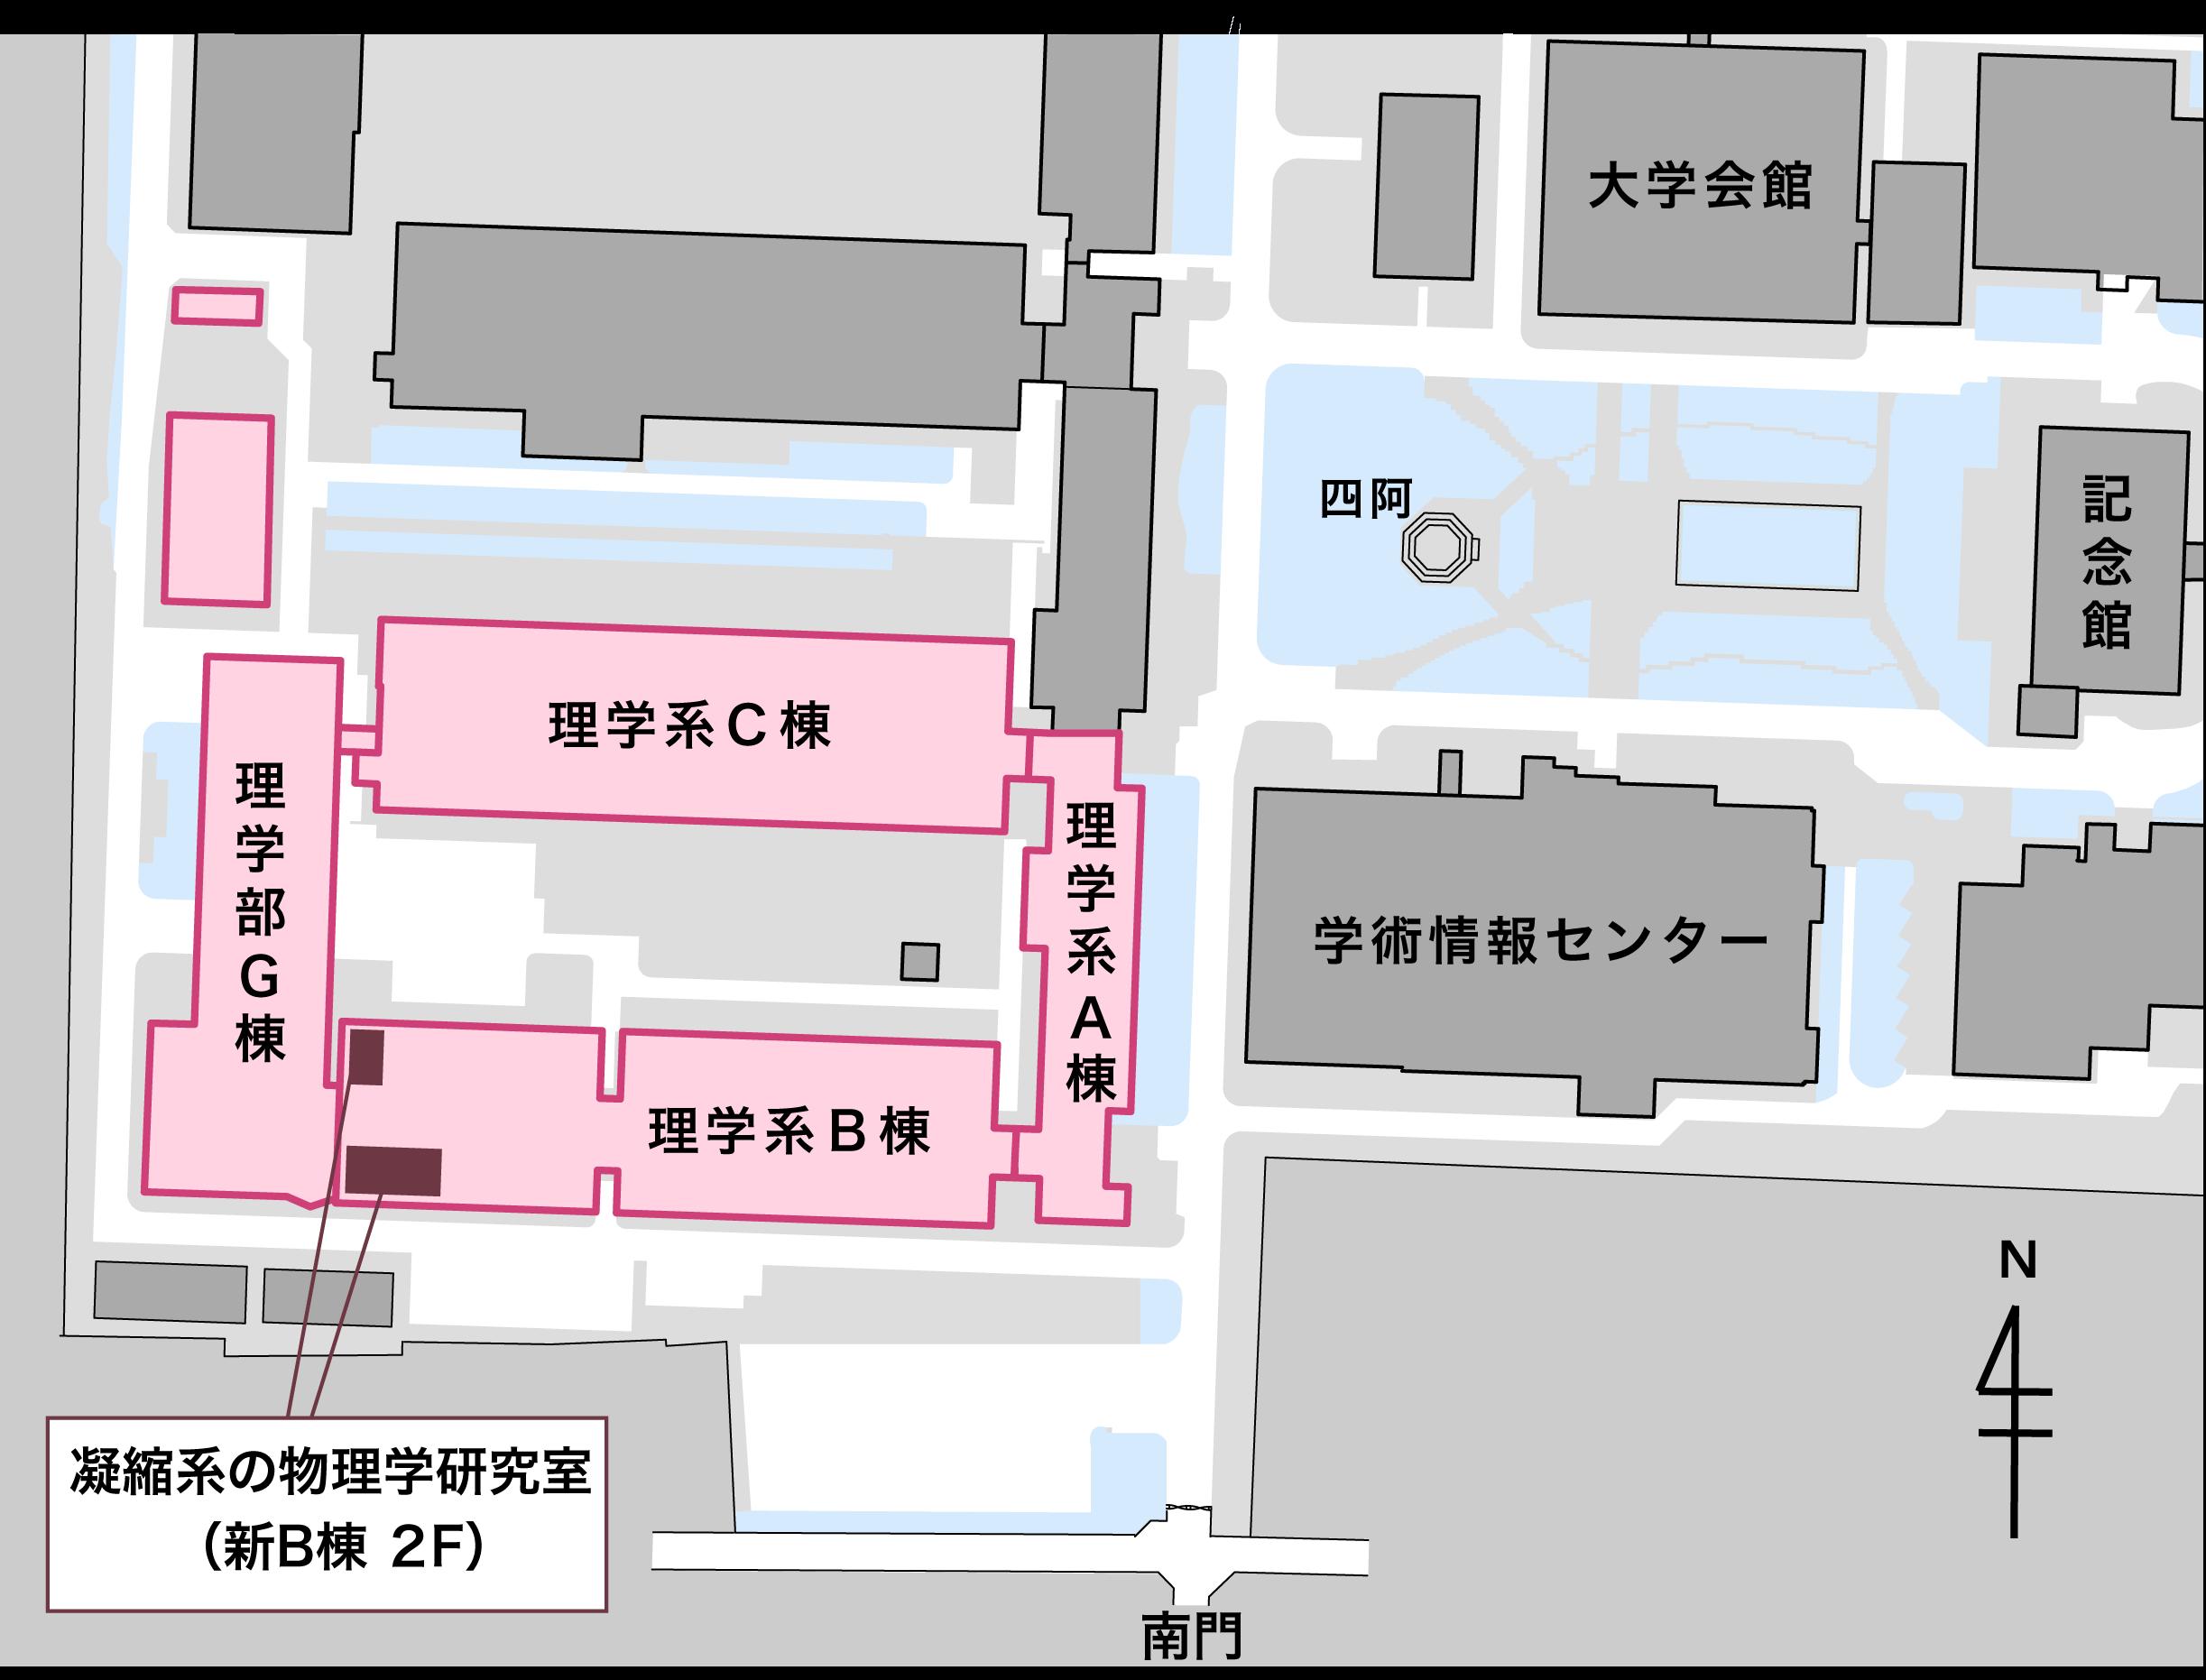 奈良女子大学 凝縮系の物理学研究室アクセス